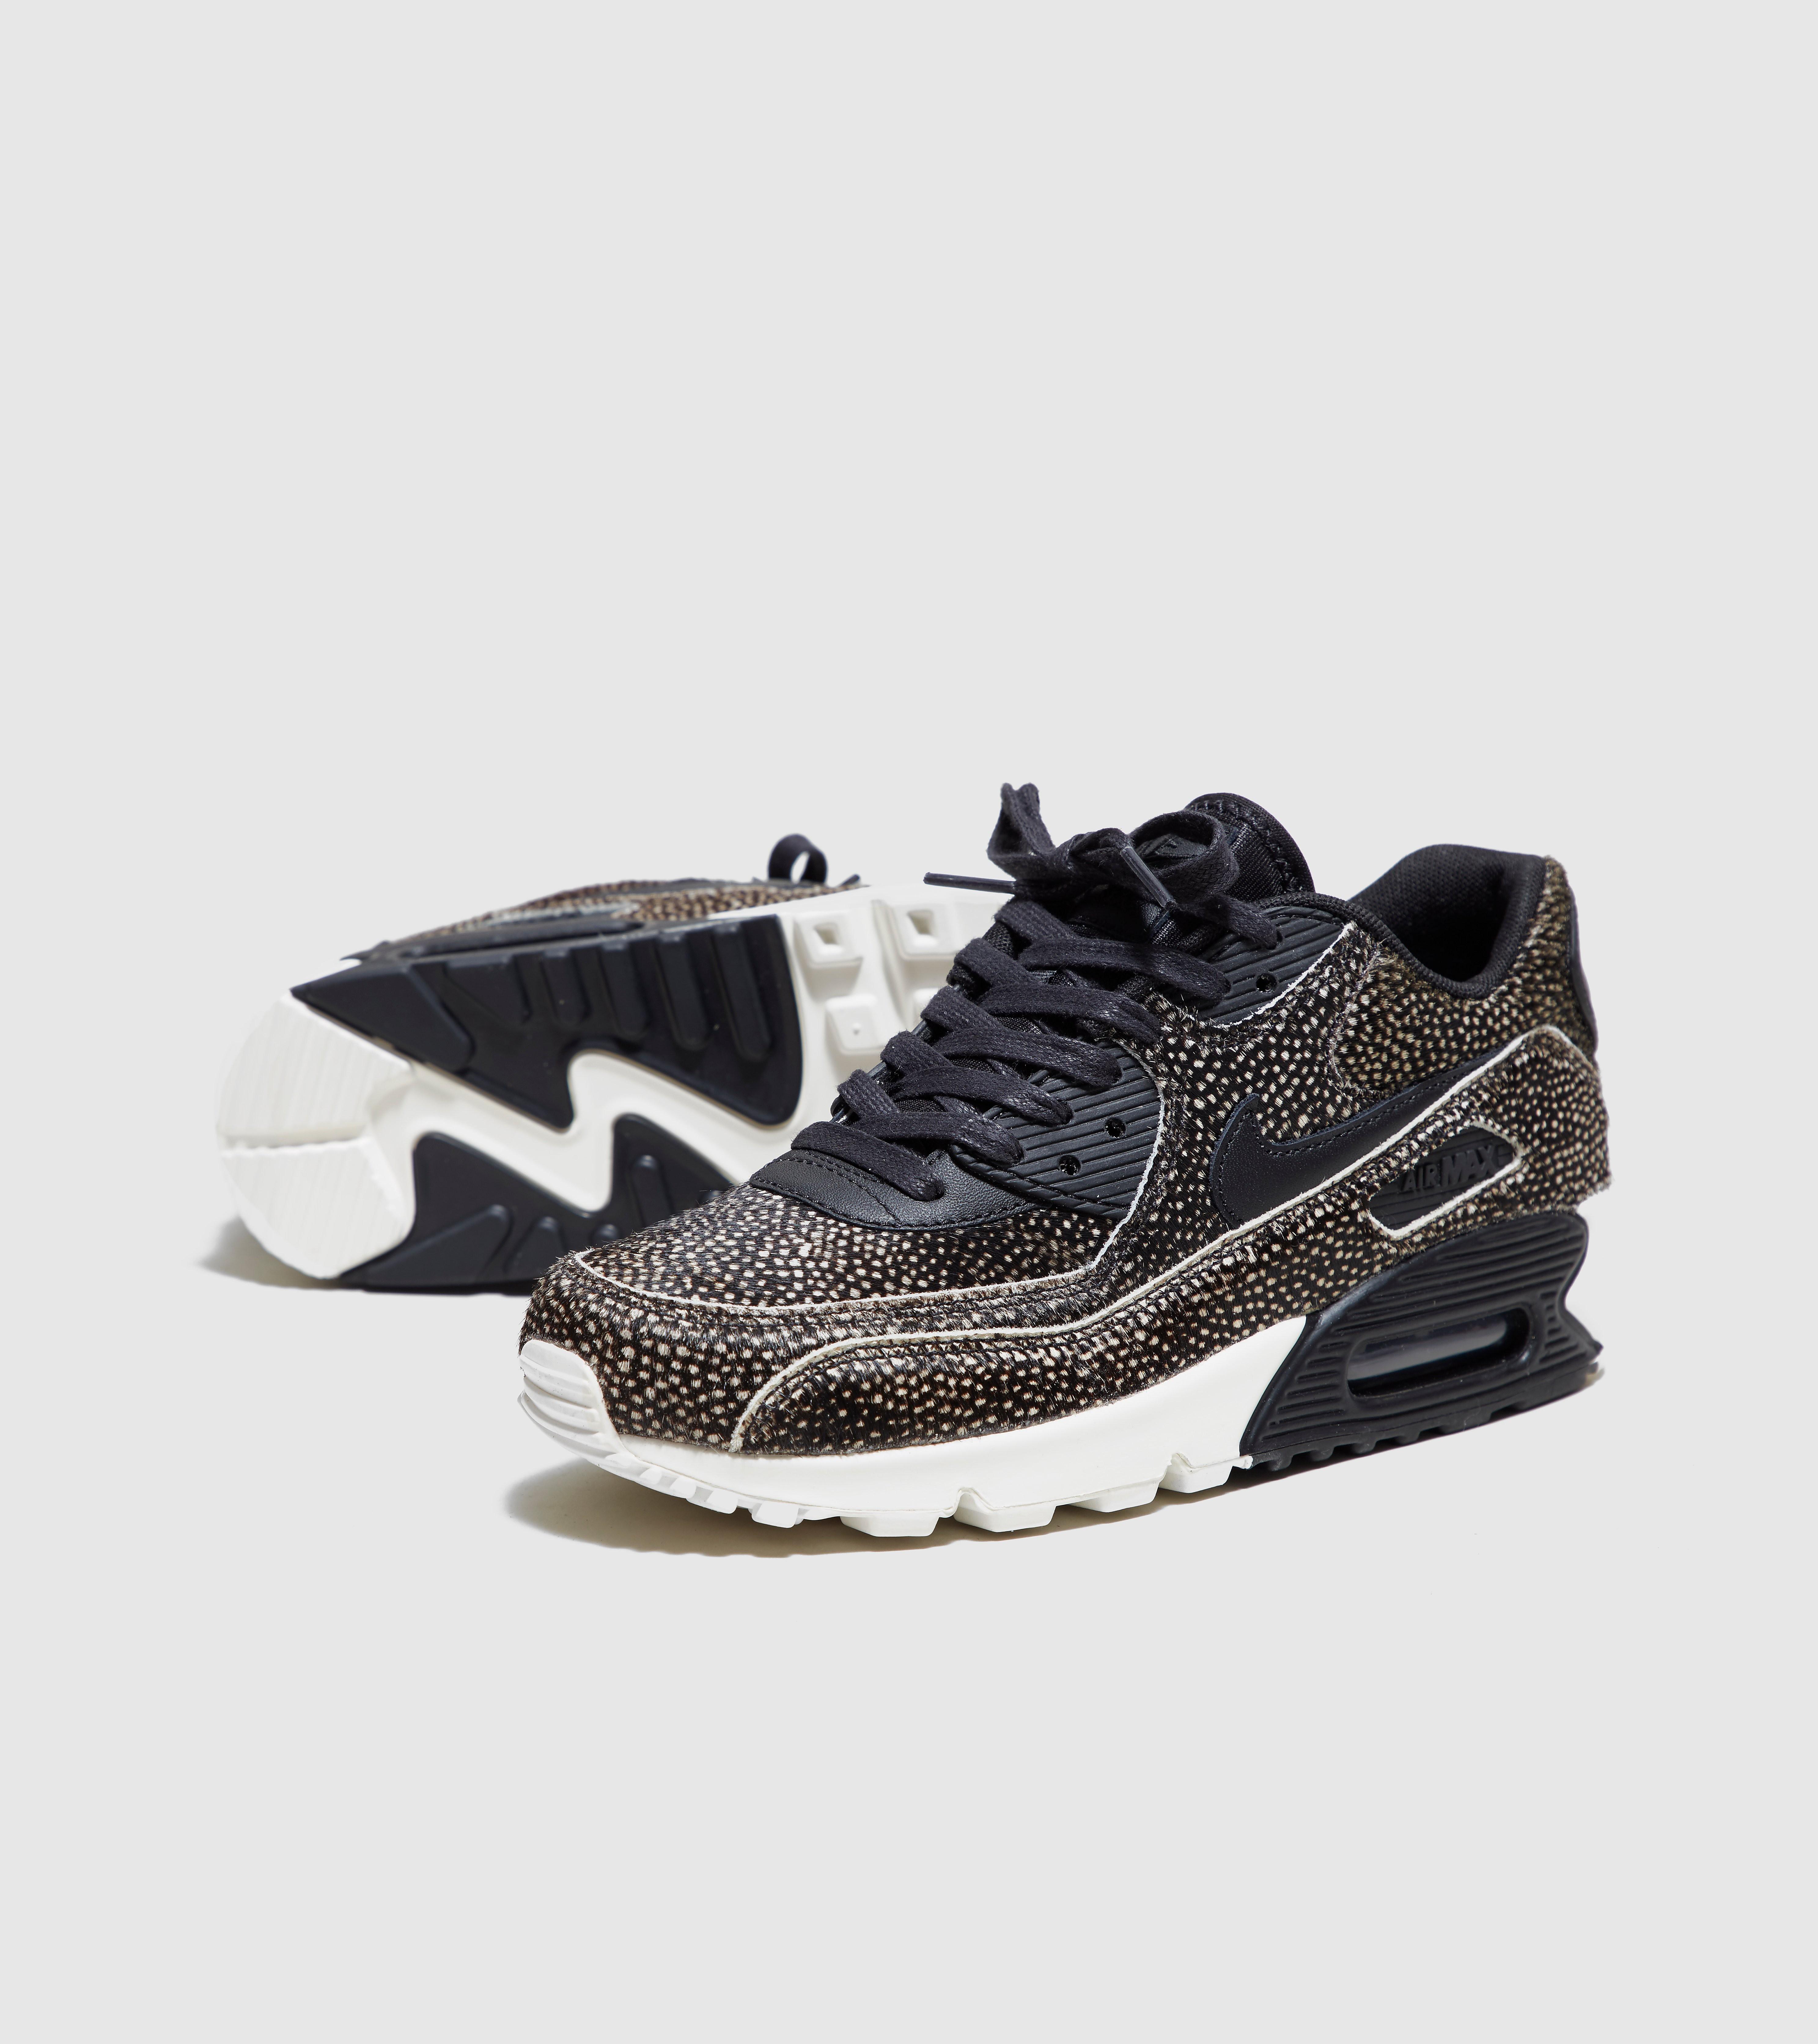 Nike Air Max 90 LX Women's